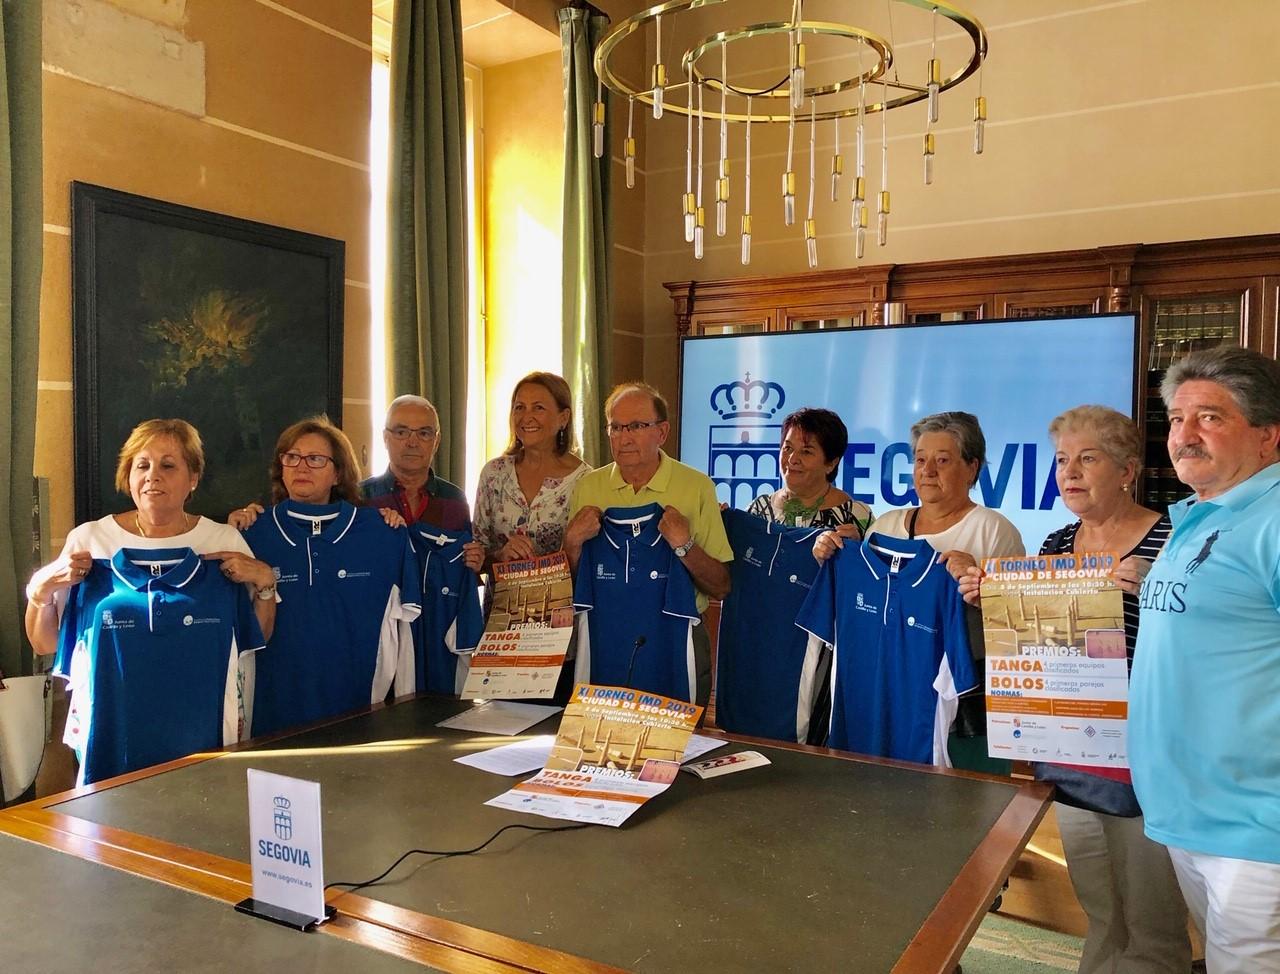 """Presentación en el Ayuntamiento del XI Torneo IMD 2019 """"Ciudad de Segovia"""" de Deportes Autóctonos"""